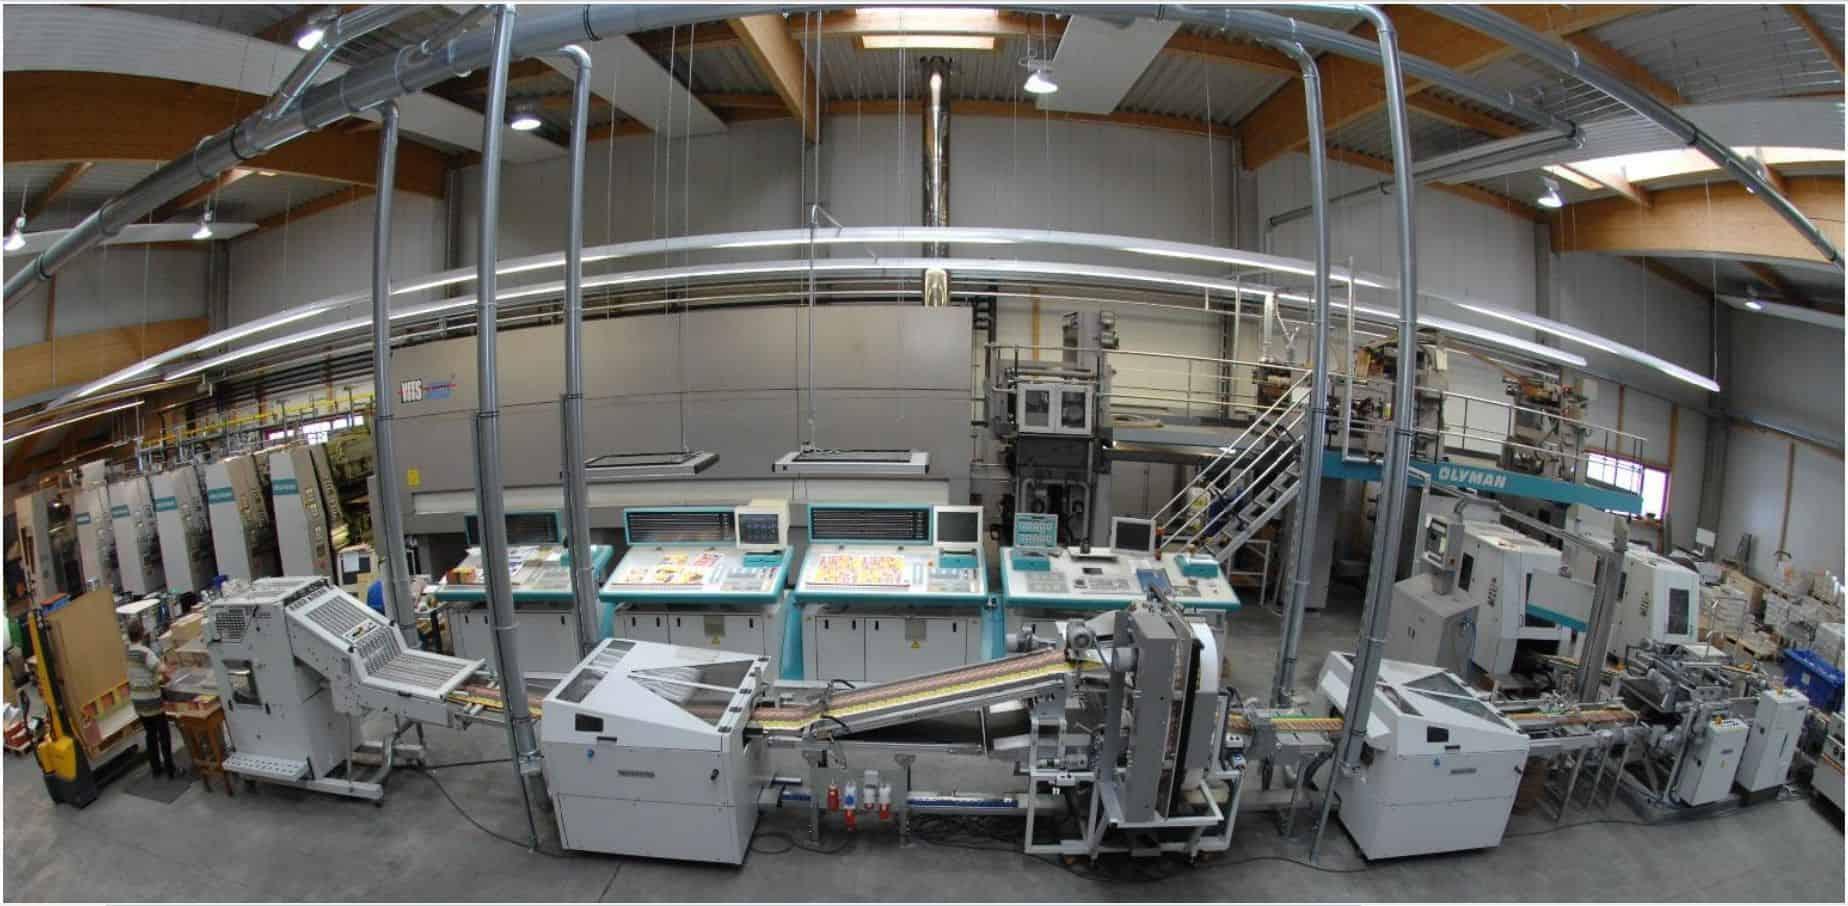 Gasverbrauch und Stromkosten in einer Druckerei mit dem S0-Recorder gemessen und aufgezeichnet